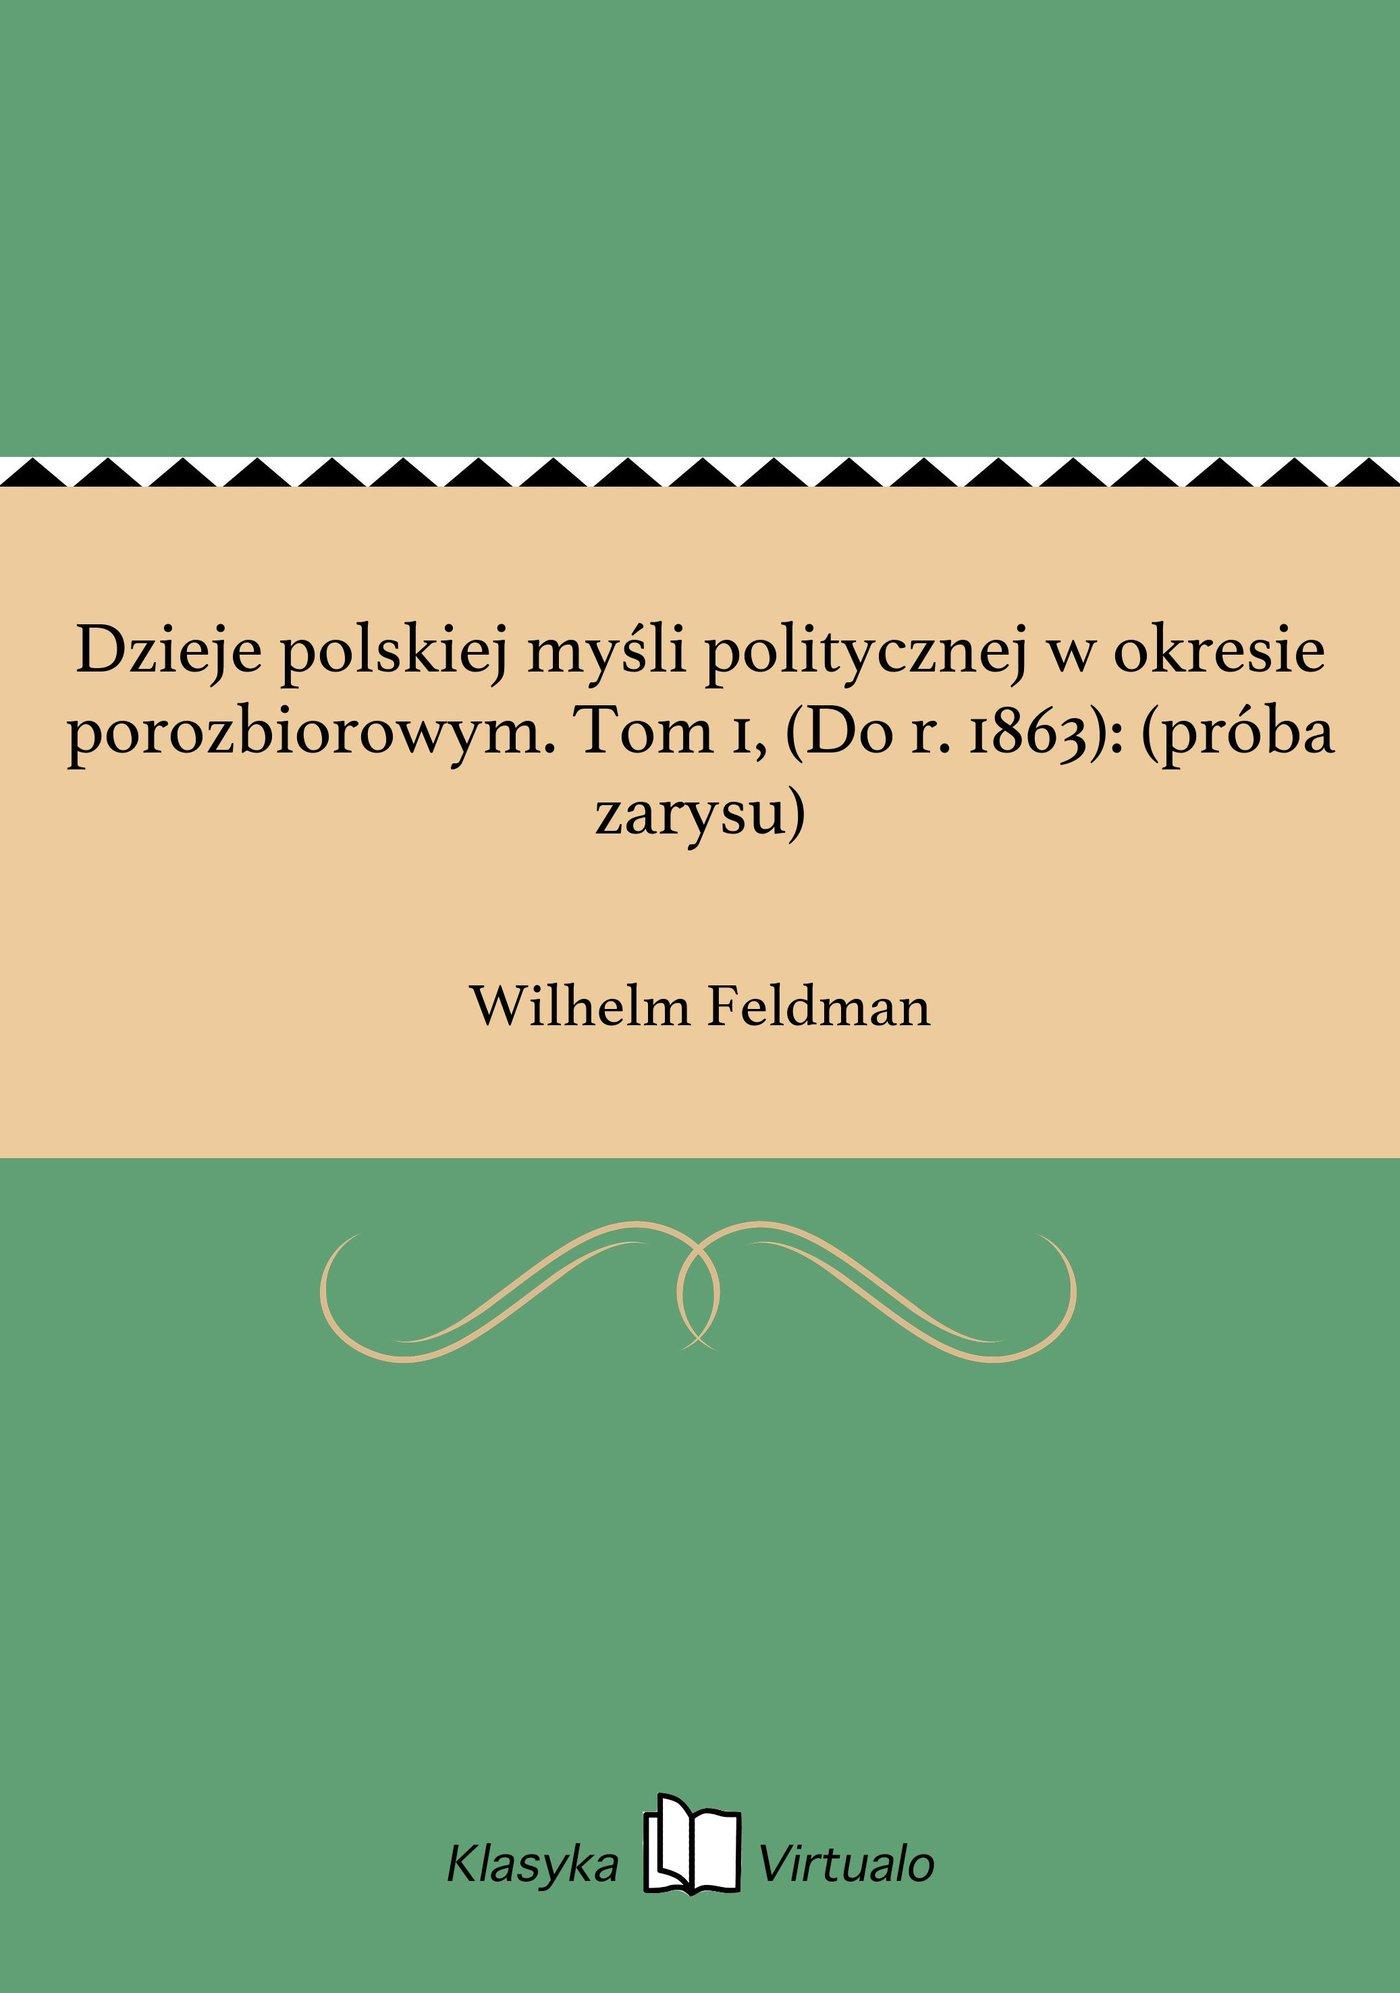 Dzieje polskiej myśli politycznej w okresie porozbiorowym. Tom 1, (Do r. 1863): (próba zarysu) - Ebook (Książka EPUB) do pobrania w formacie EPUB